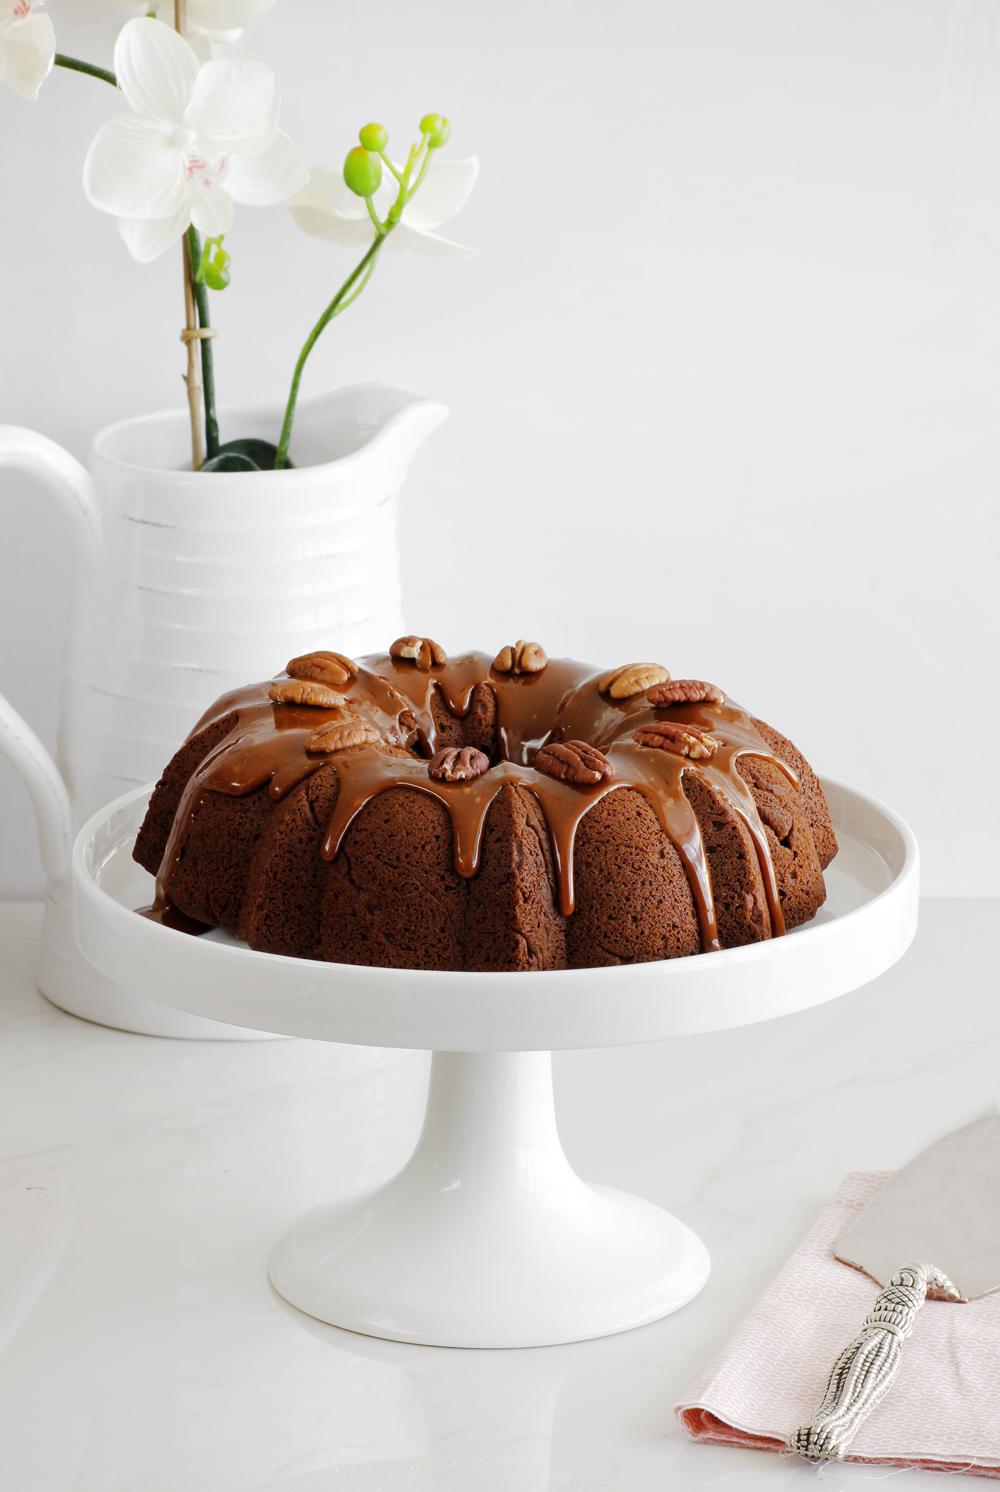 עוגת תמרים עם רוטב טופי מלוח | צילום: נטלי לוין